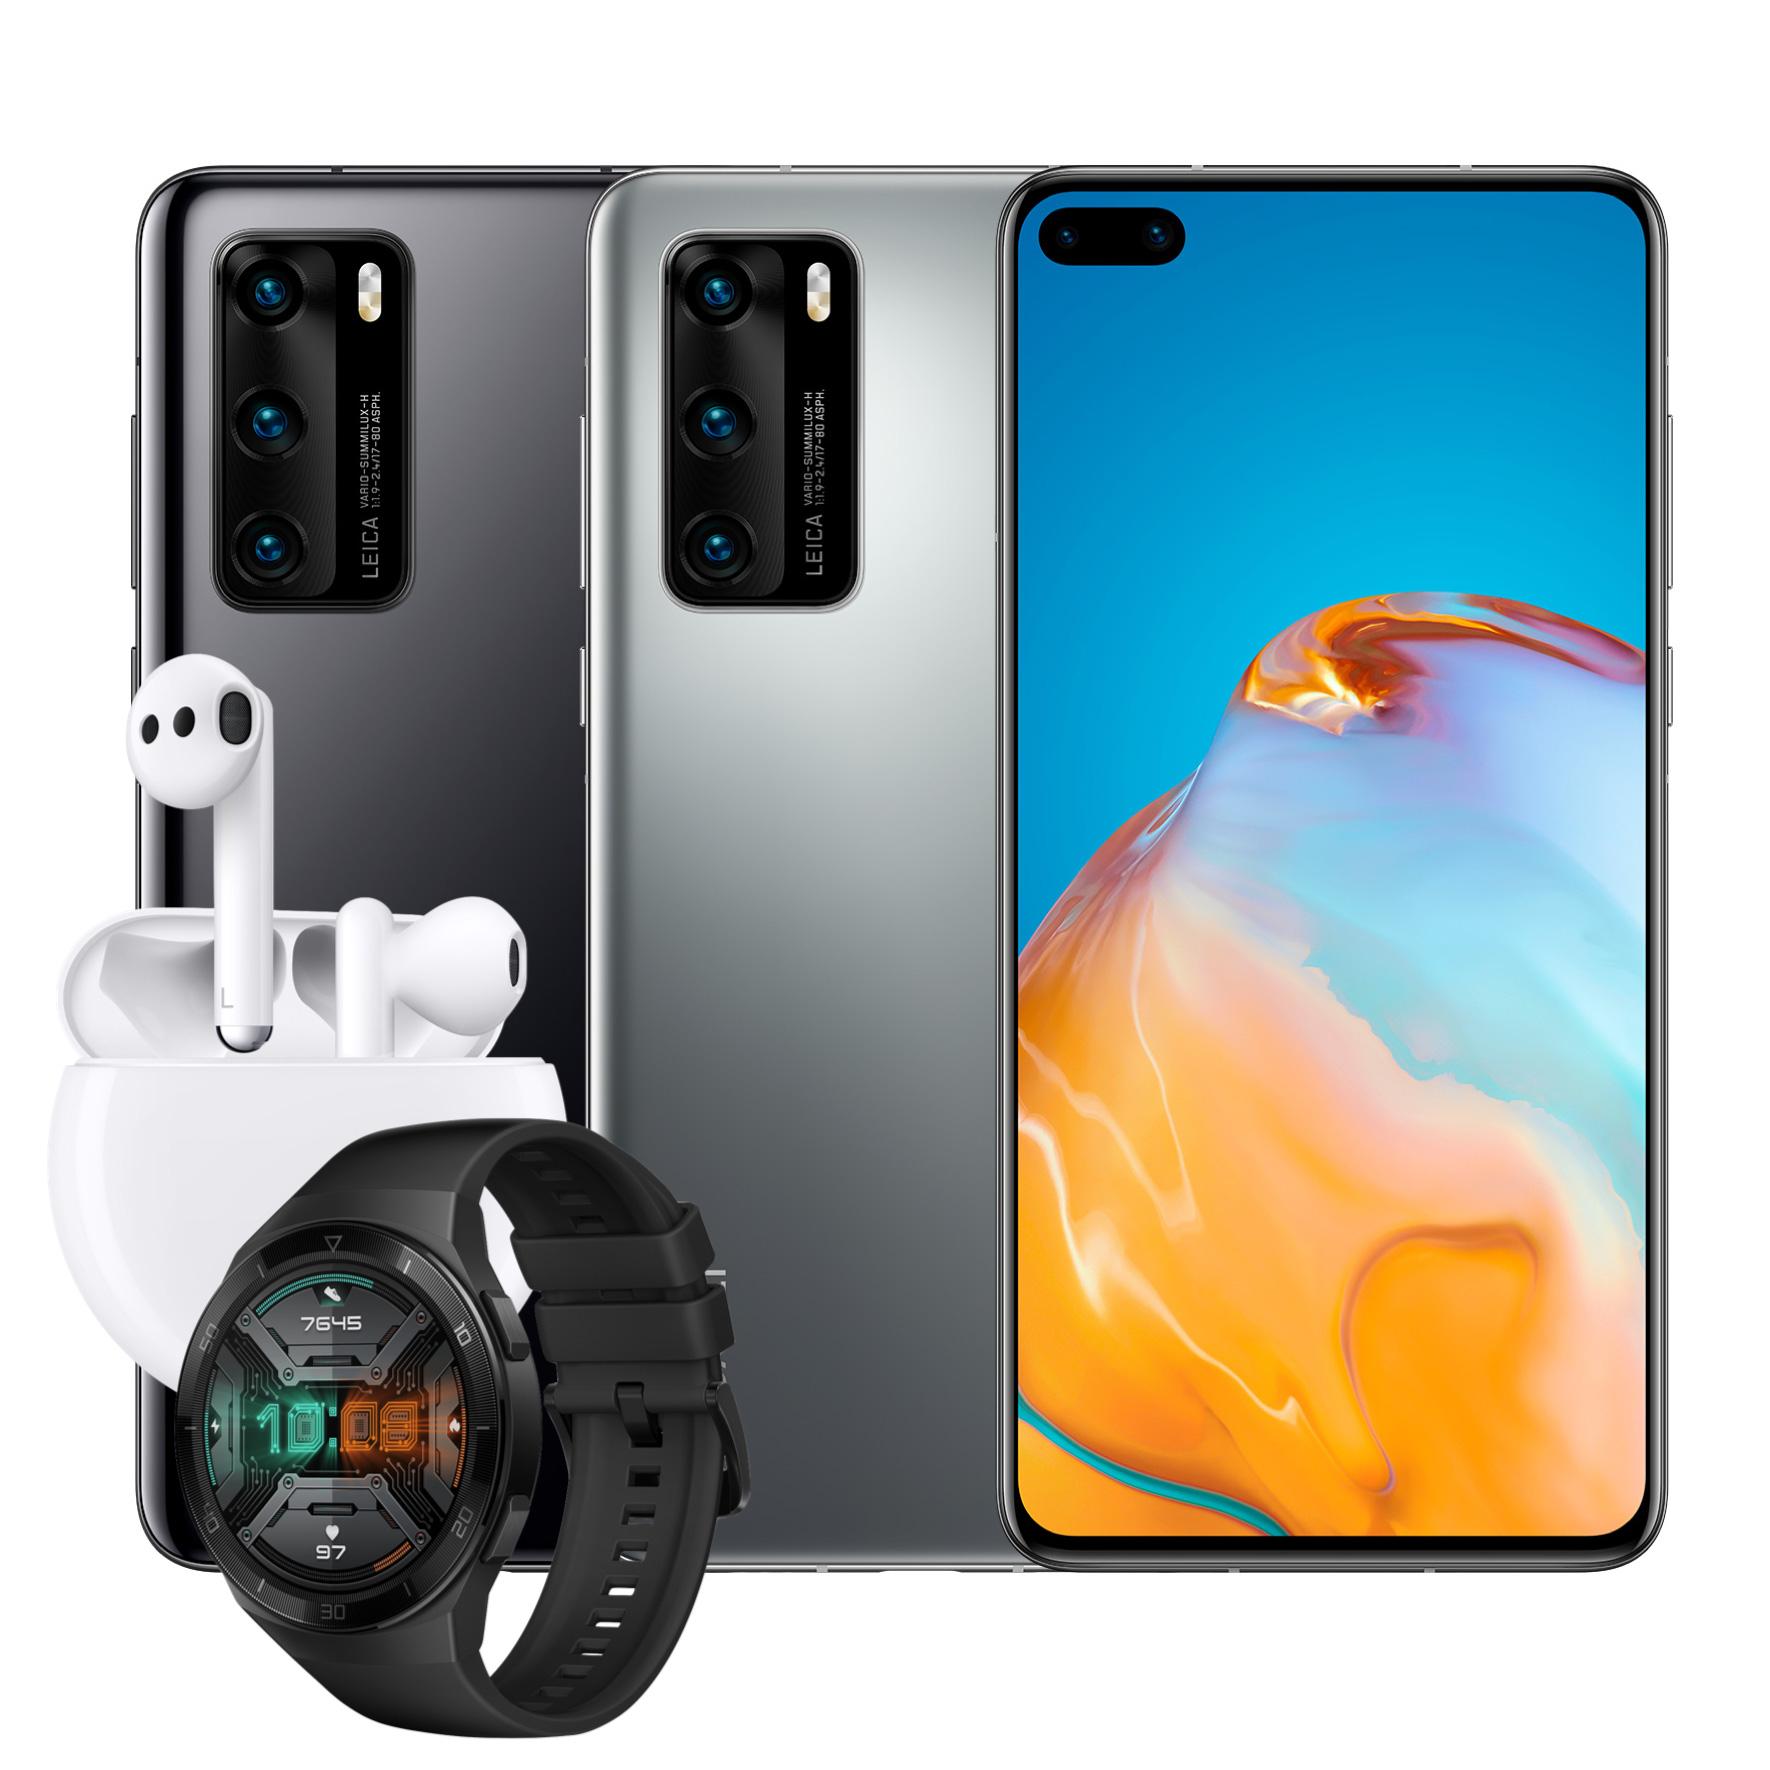 Huawei P40 + FreeBuds 3 + Watch GT 2E für 4,95€ Zuzahlung mit o2 Free M Boost (40GB LTE, o2-Connect, Allnet- & SMS-Flat) für mtl. 34,99€